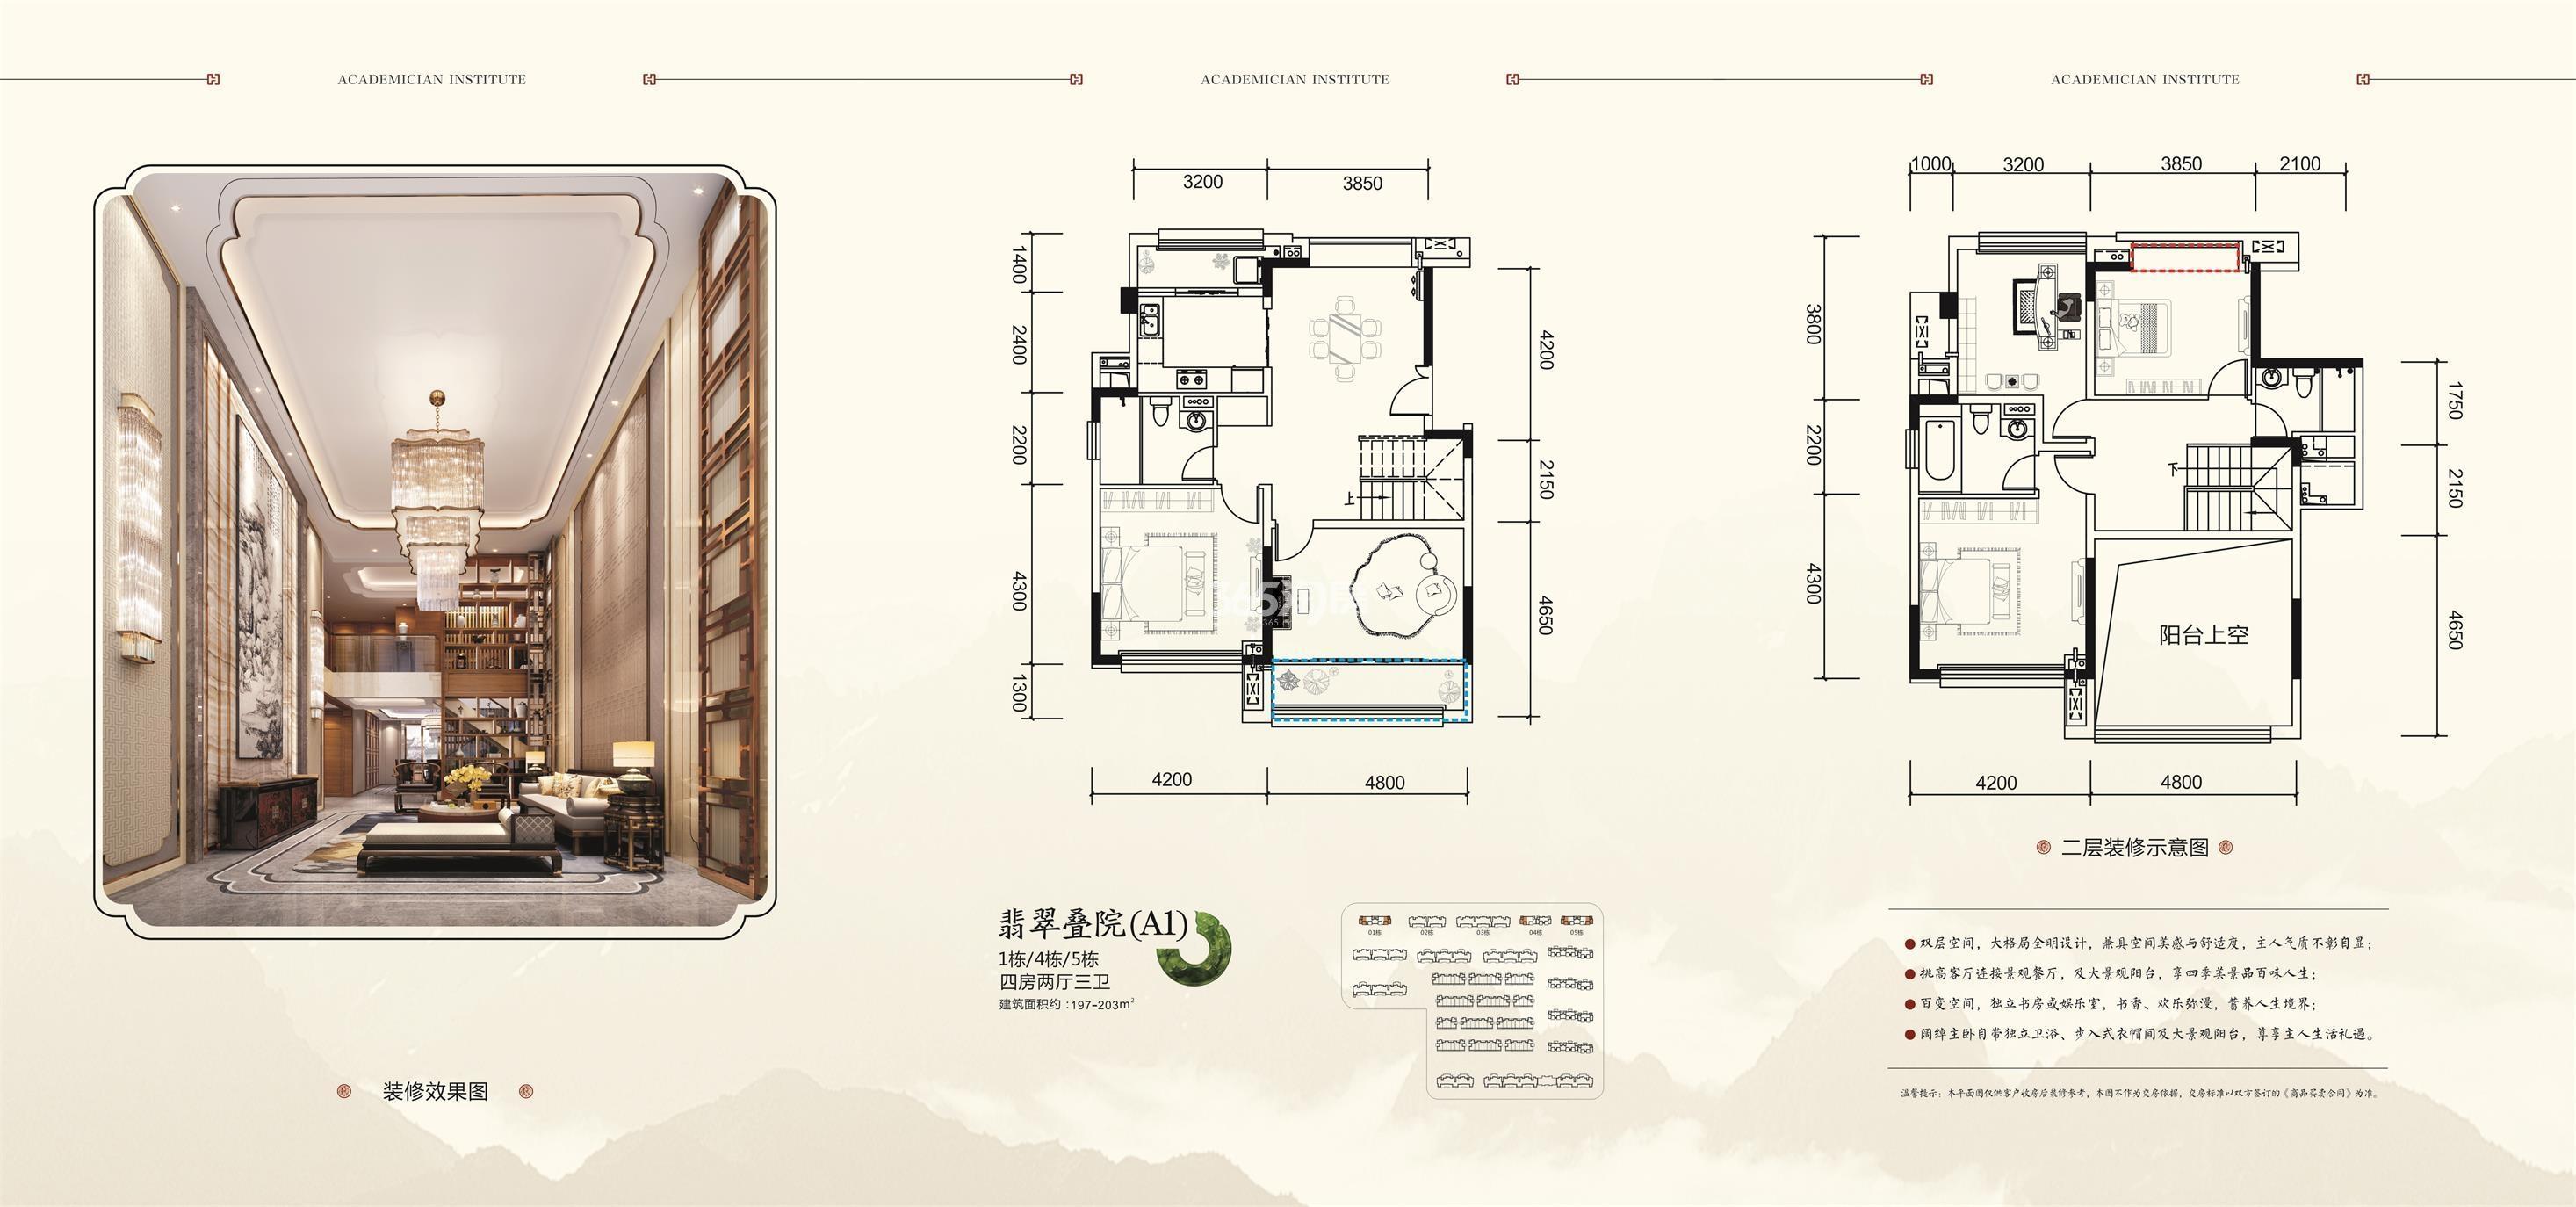 珠江翰林雅院户型图